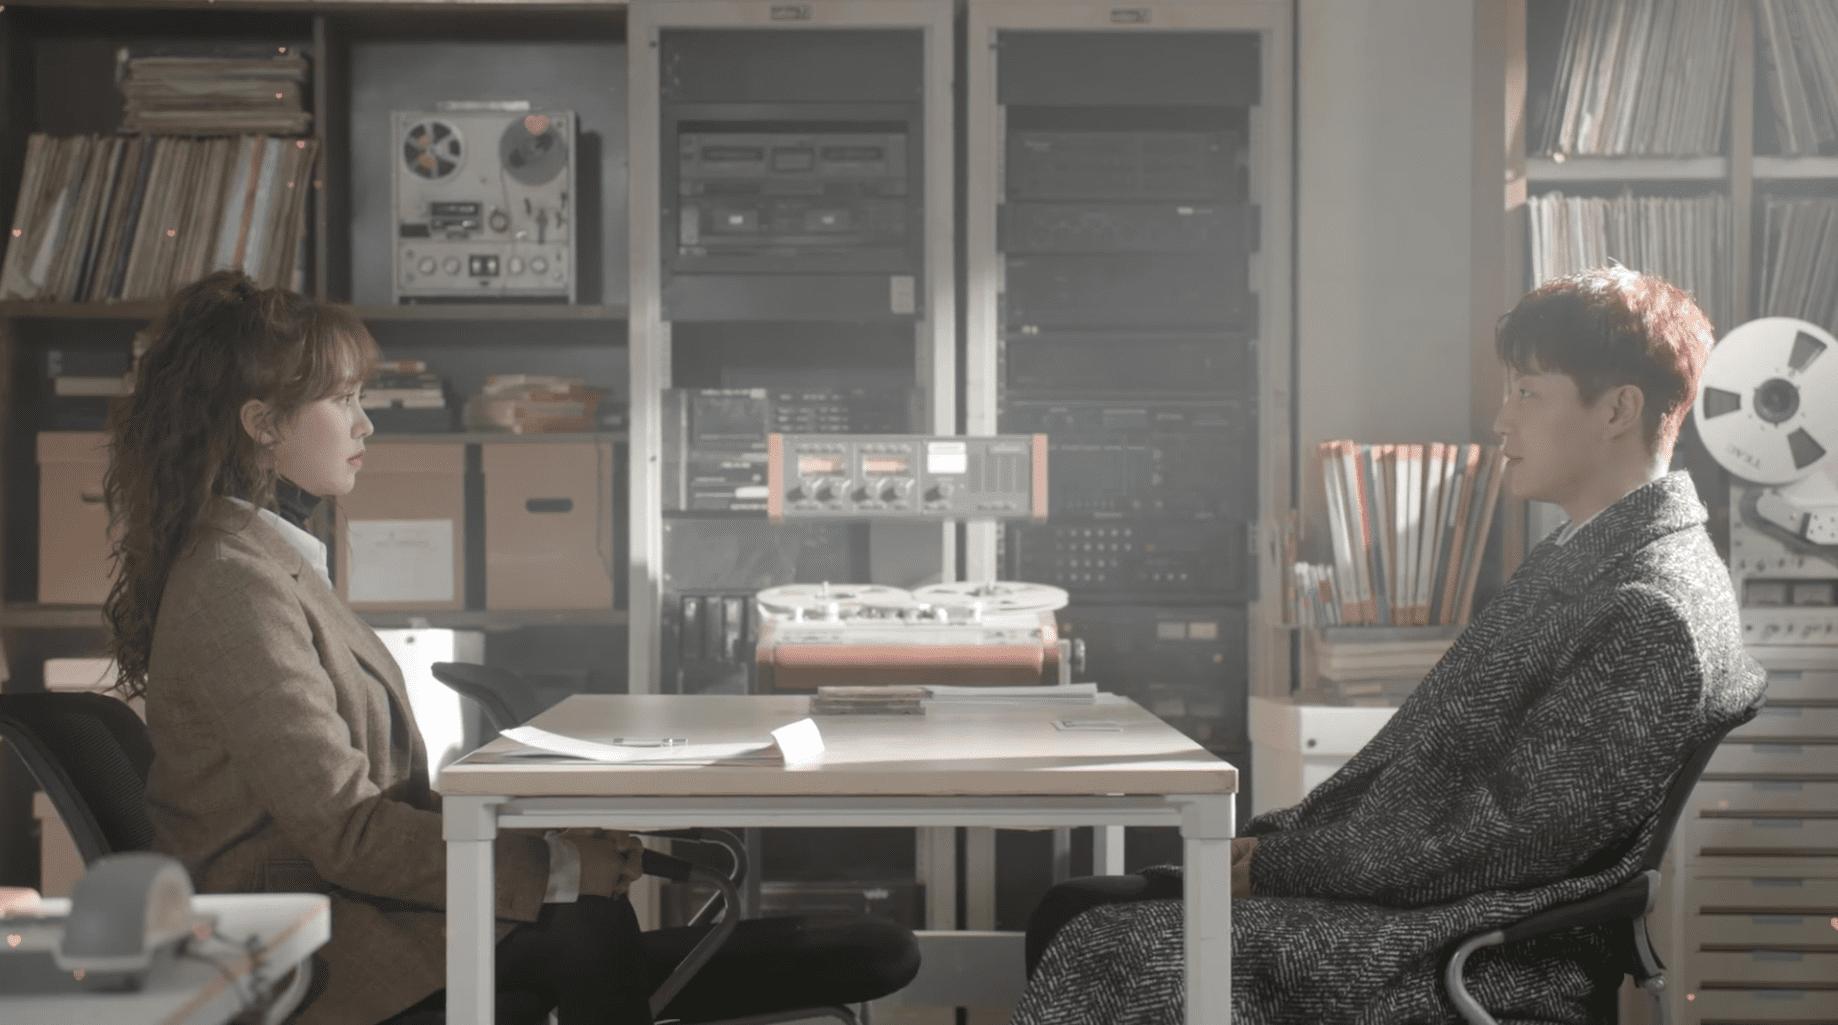 Yoon Doojoon y Kim So Hyun aumentan los problemas del otro en el trailer de 'Radio Romance'